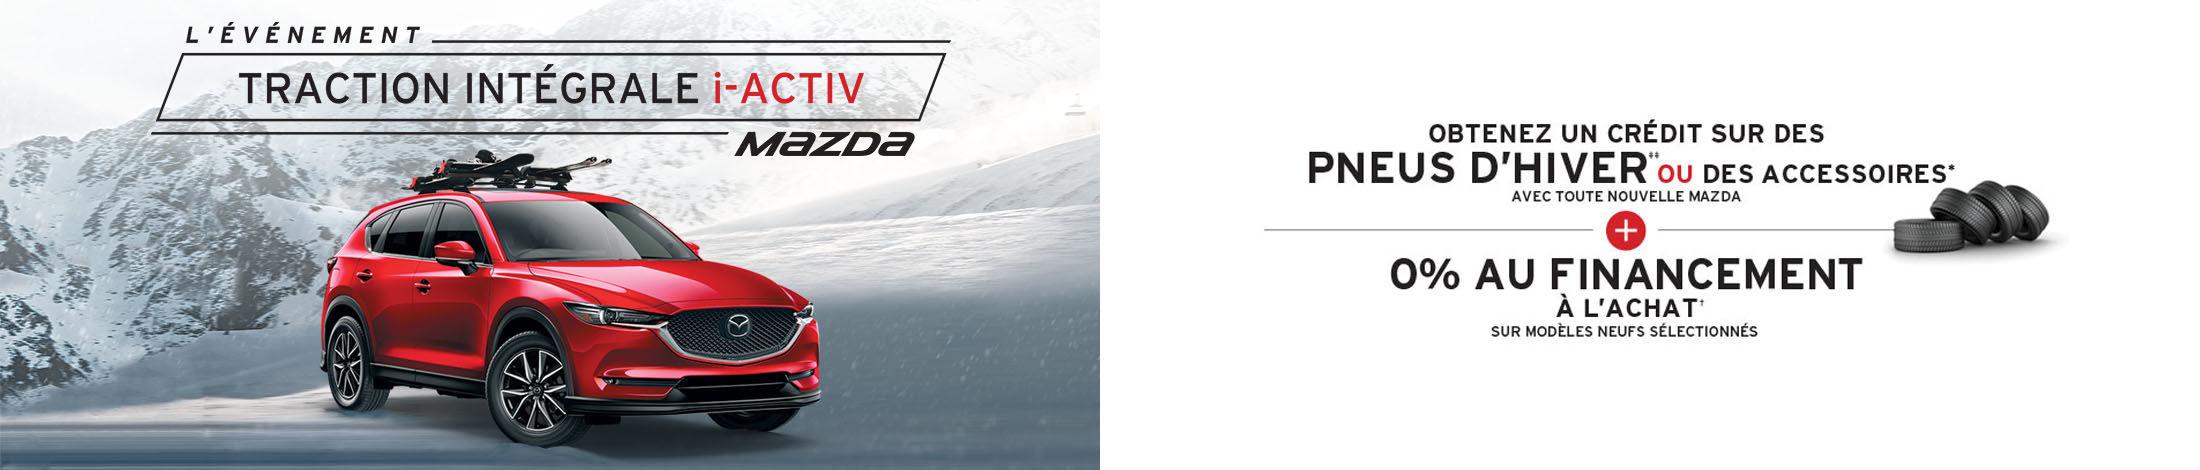 L'événement traction intégrale i-active Mazda